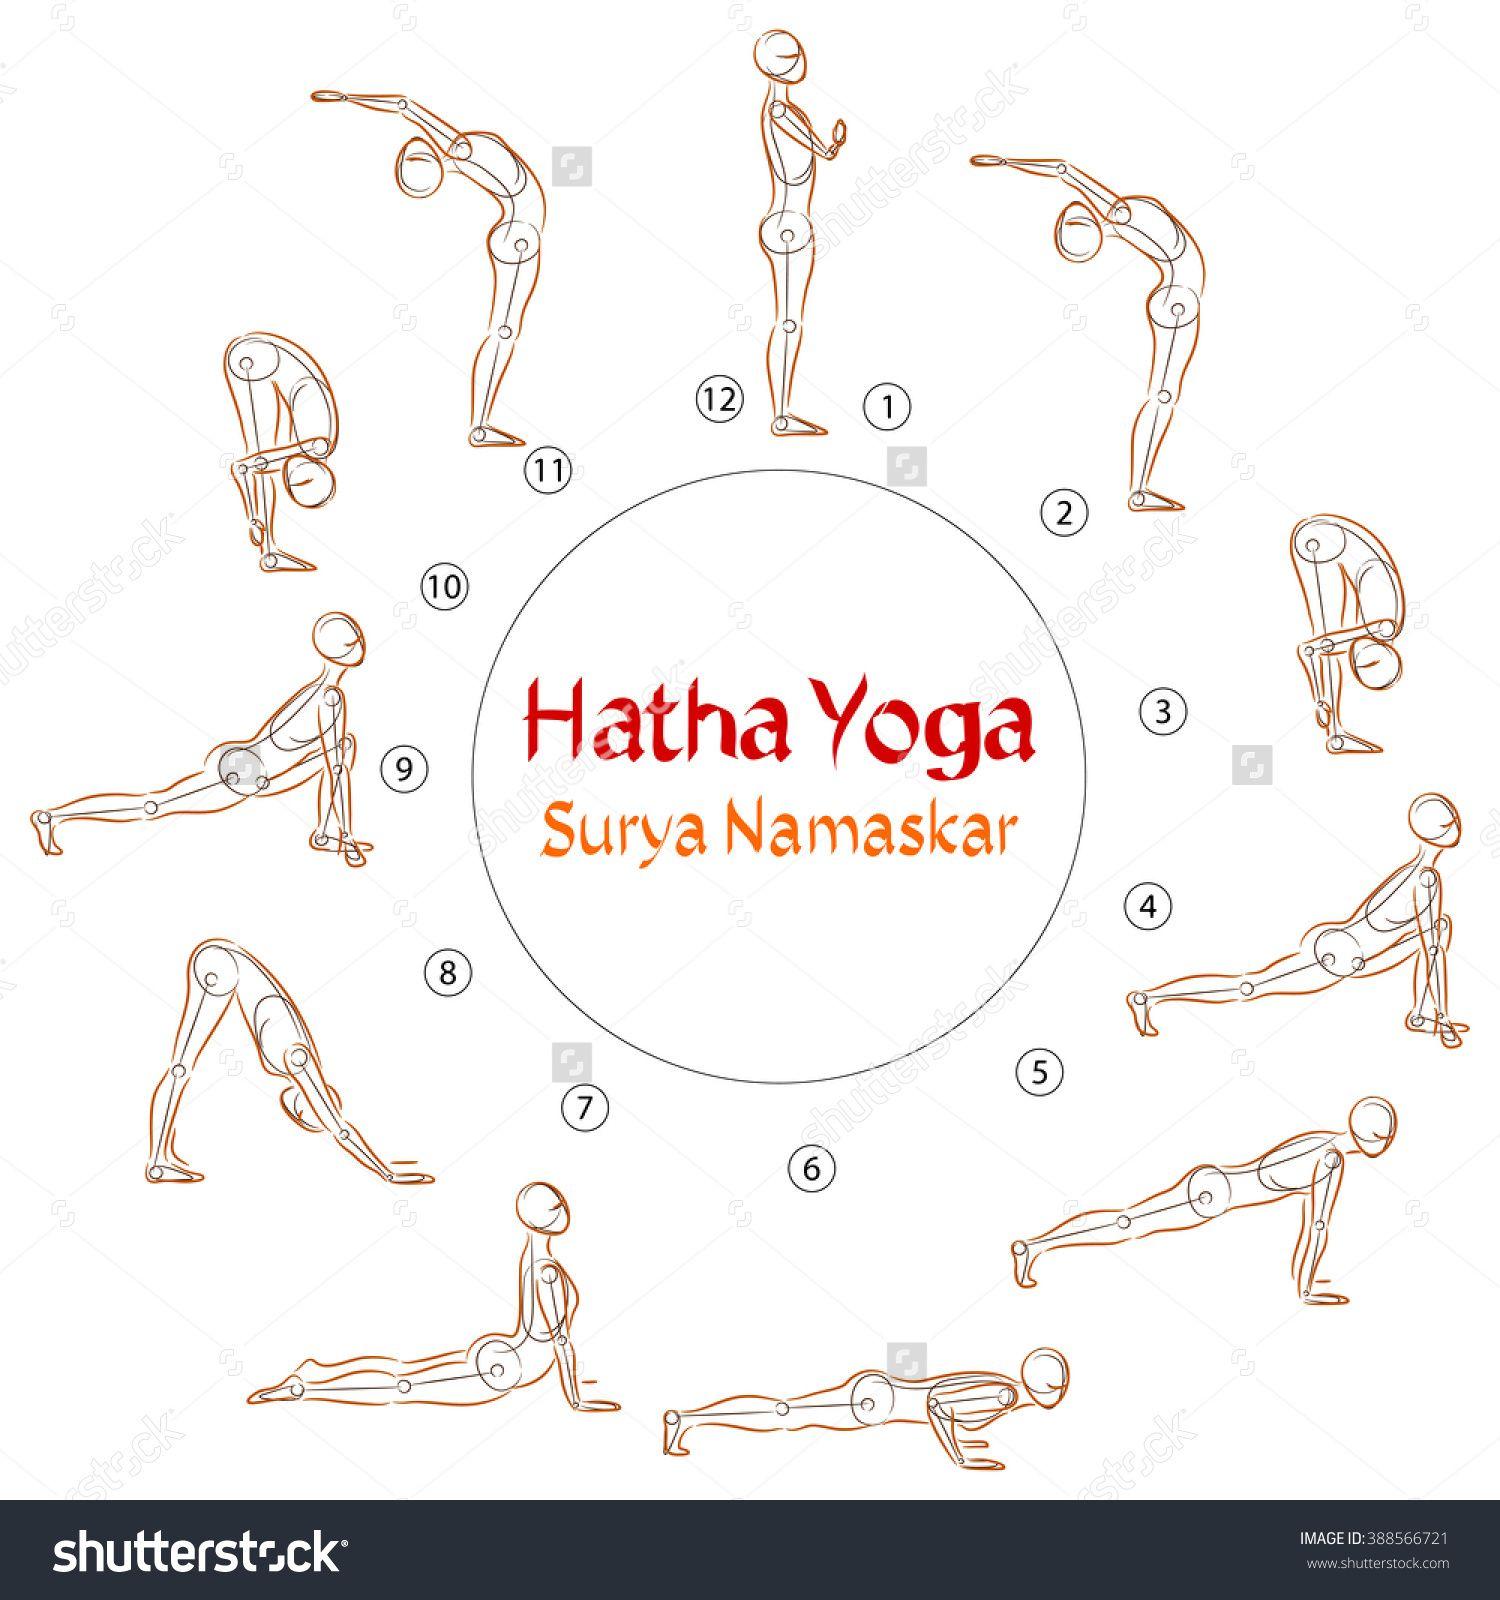 Hatha Yoga Surya Namaskar Asanas Hatha Yoga Surya Namaskar Hatha